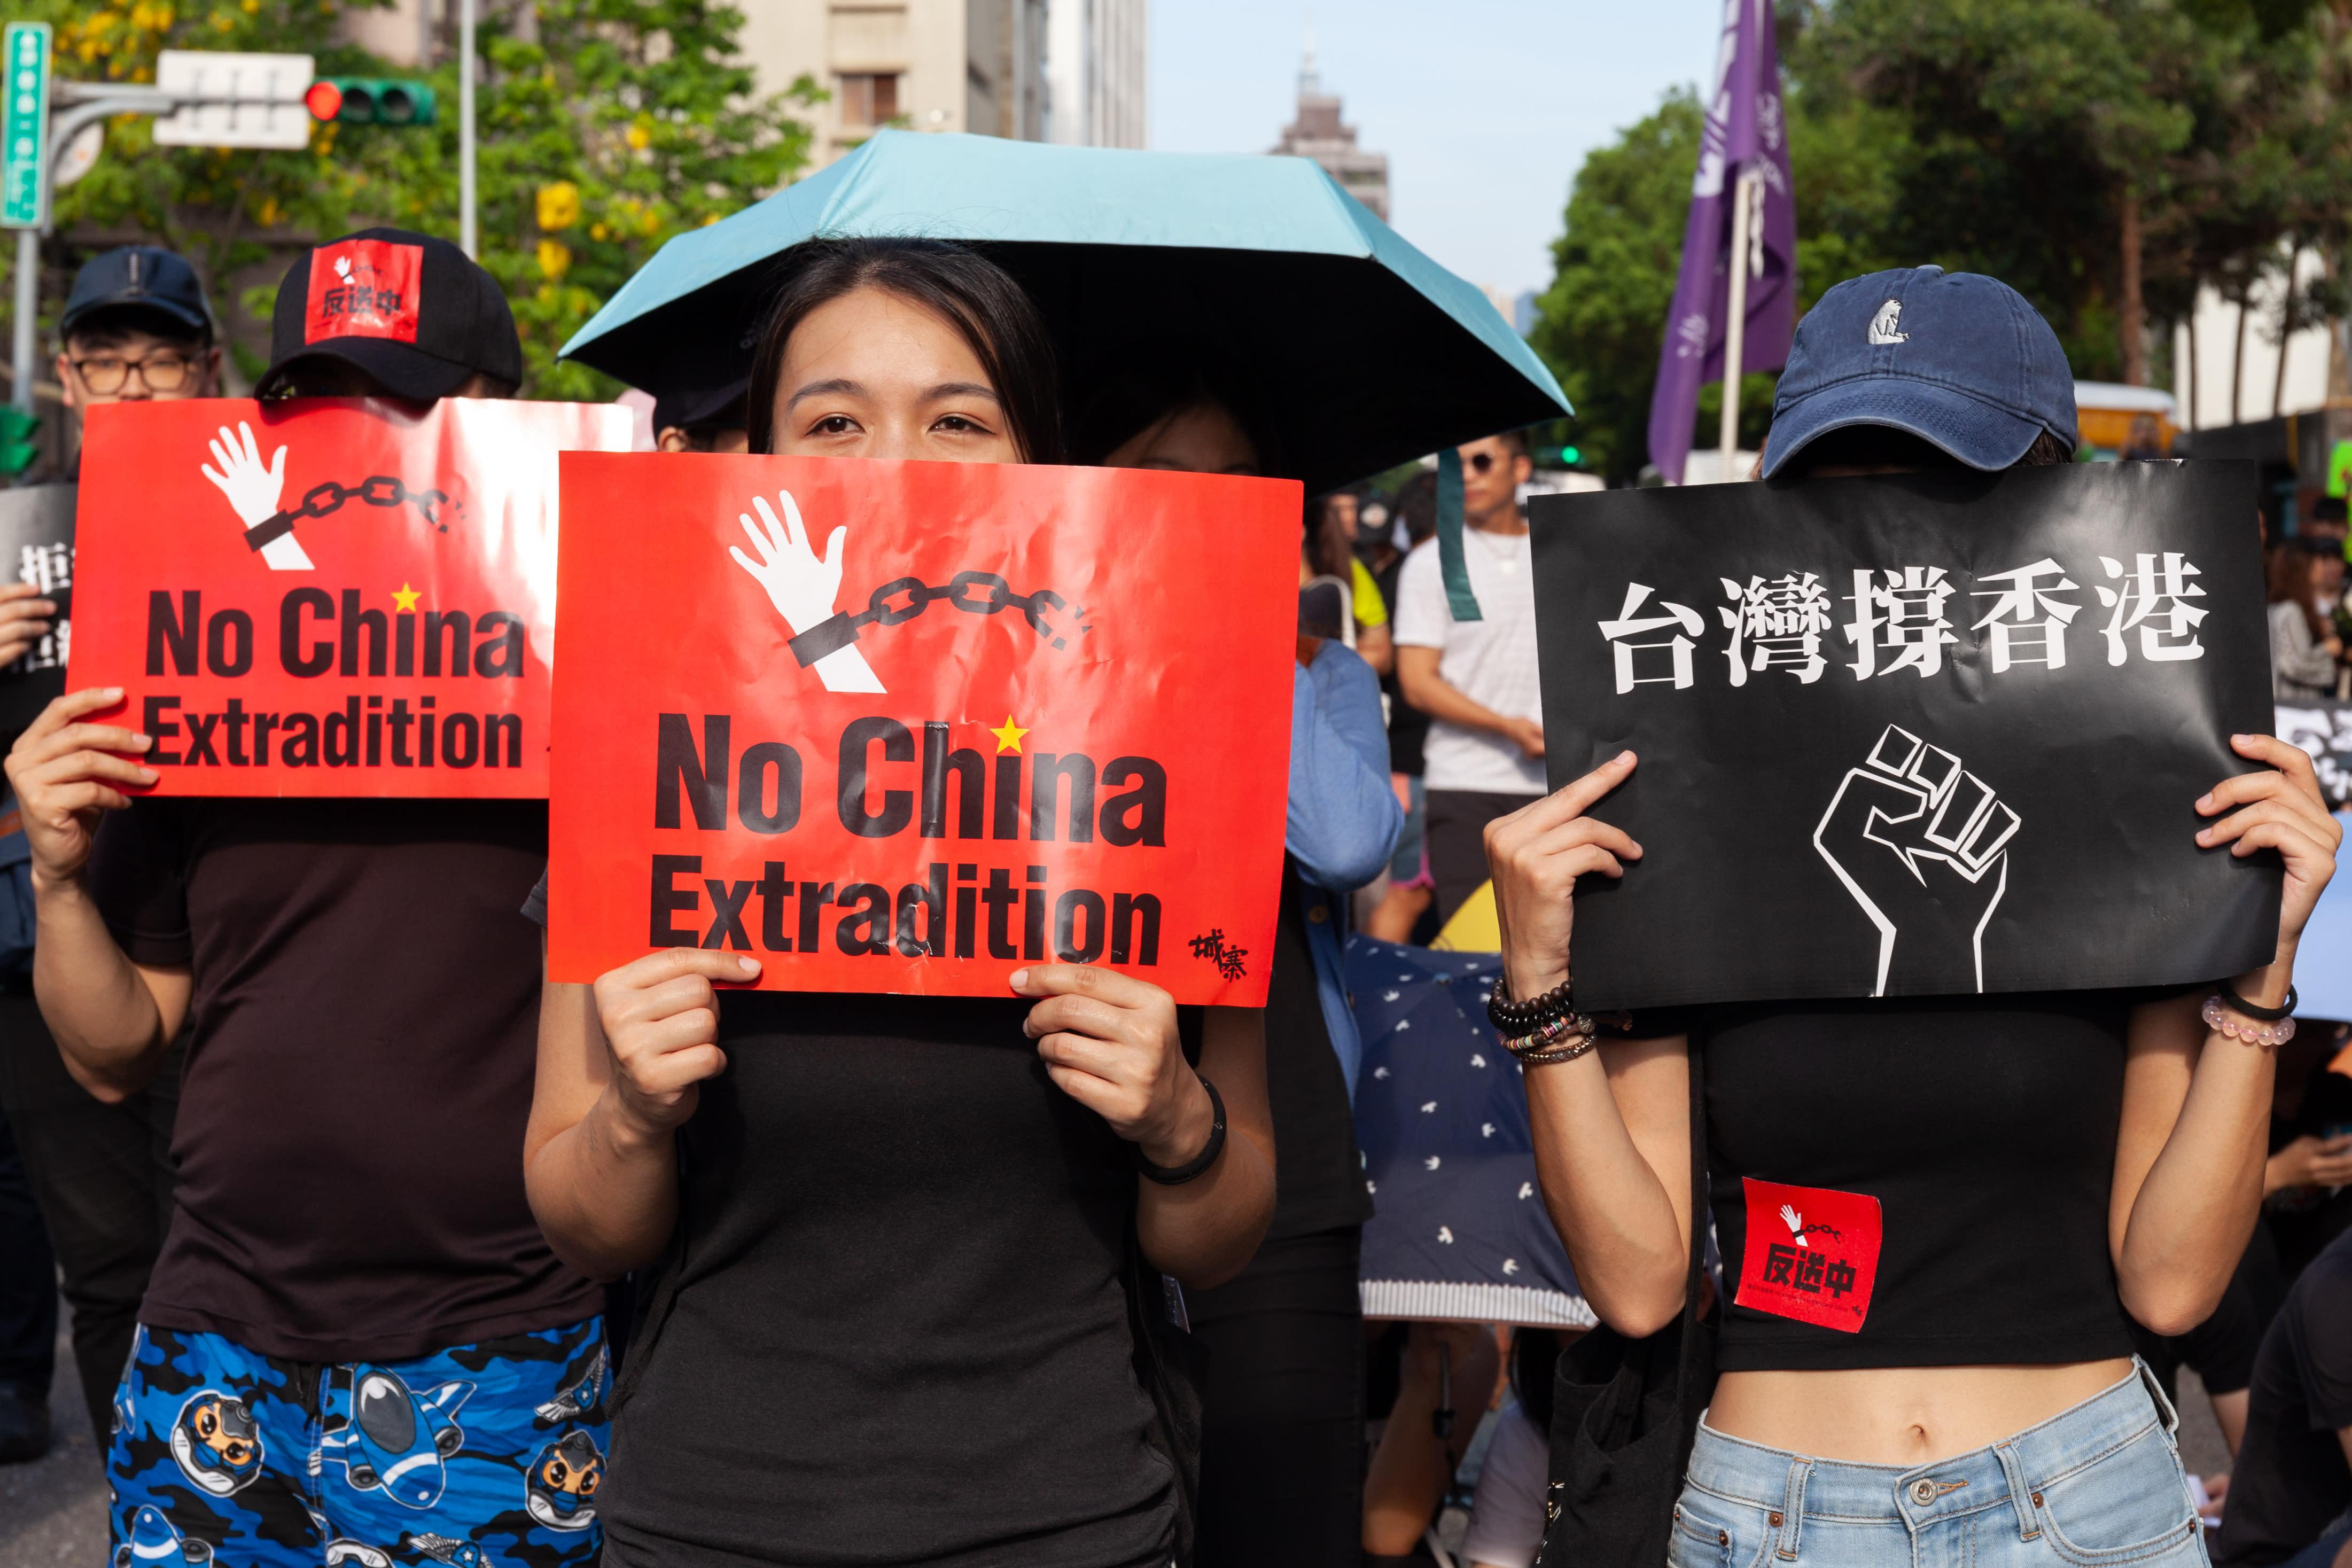 香港人移民台灣會增加嗎?